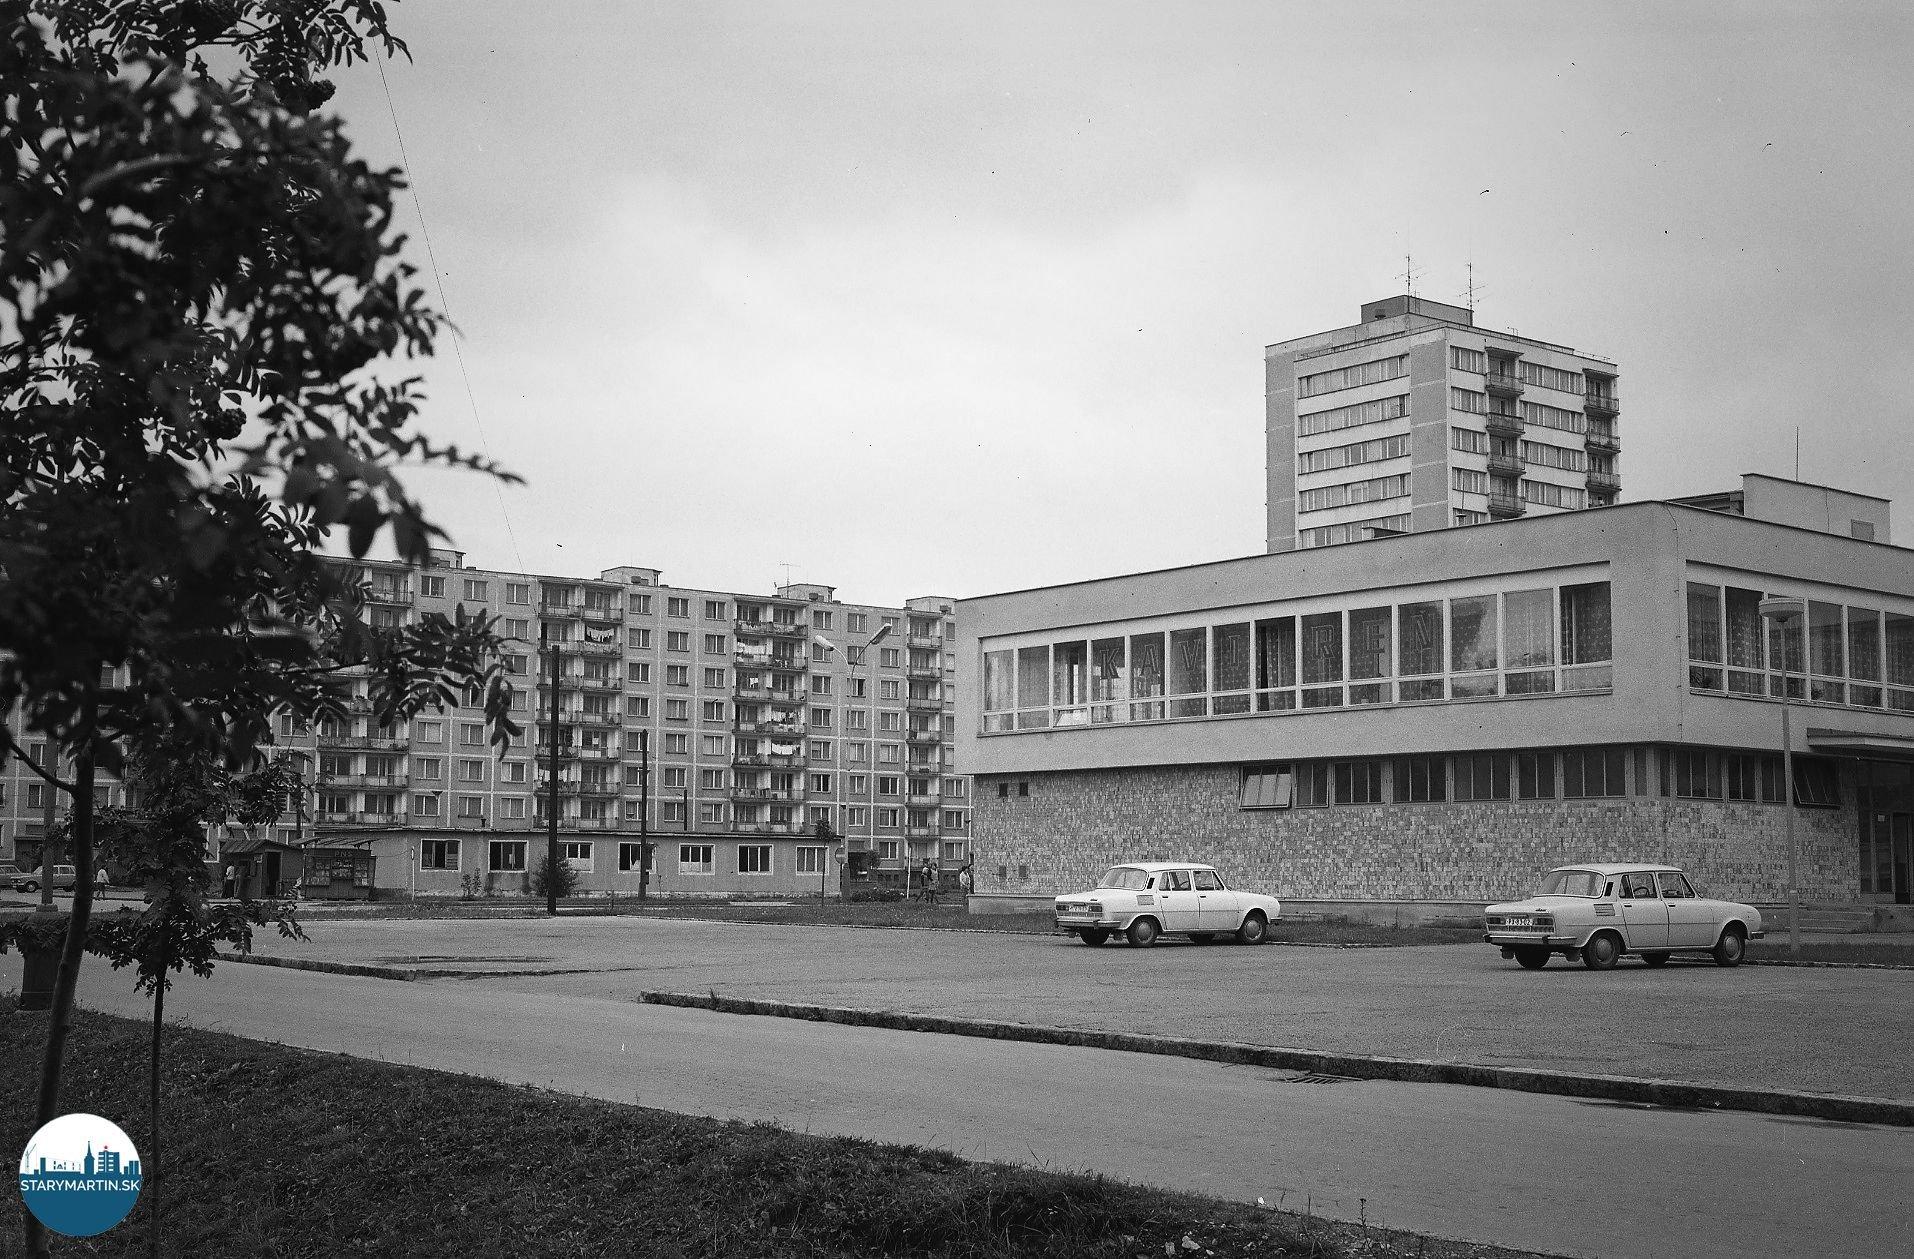 Sever, 14.10.1976, TASR